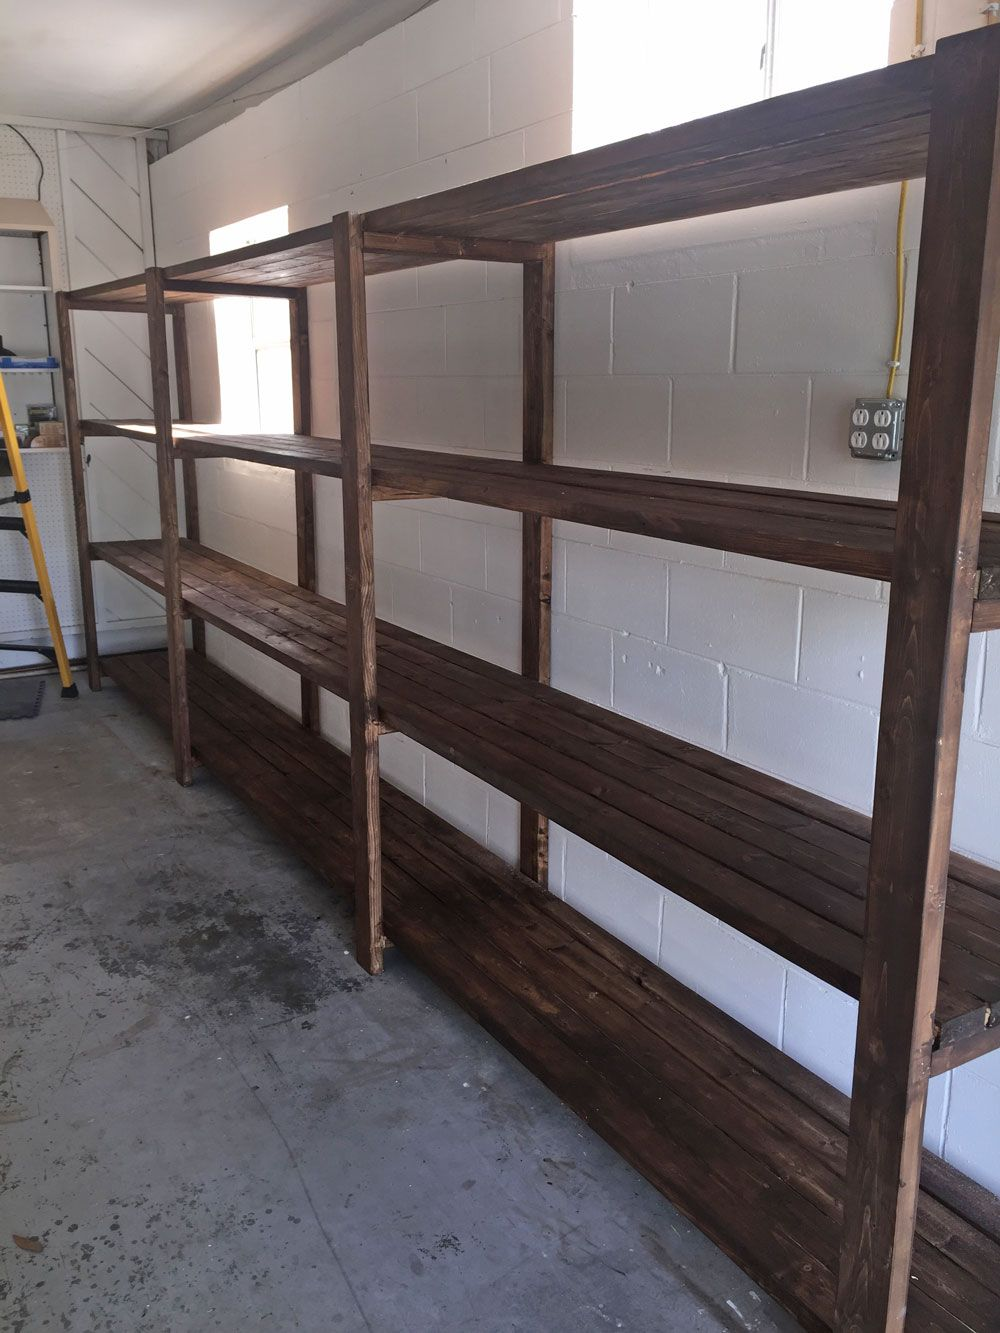 Garage Kasten Praxis.Stained 2x4 Diy Garage Storage Favorite Plans Ana White Diy